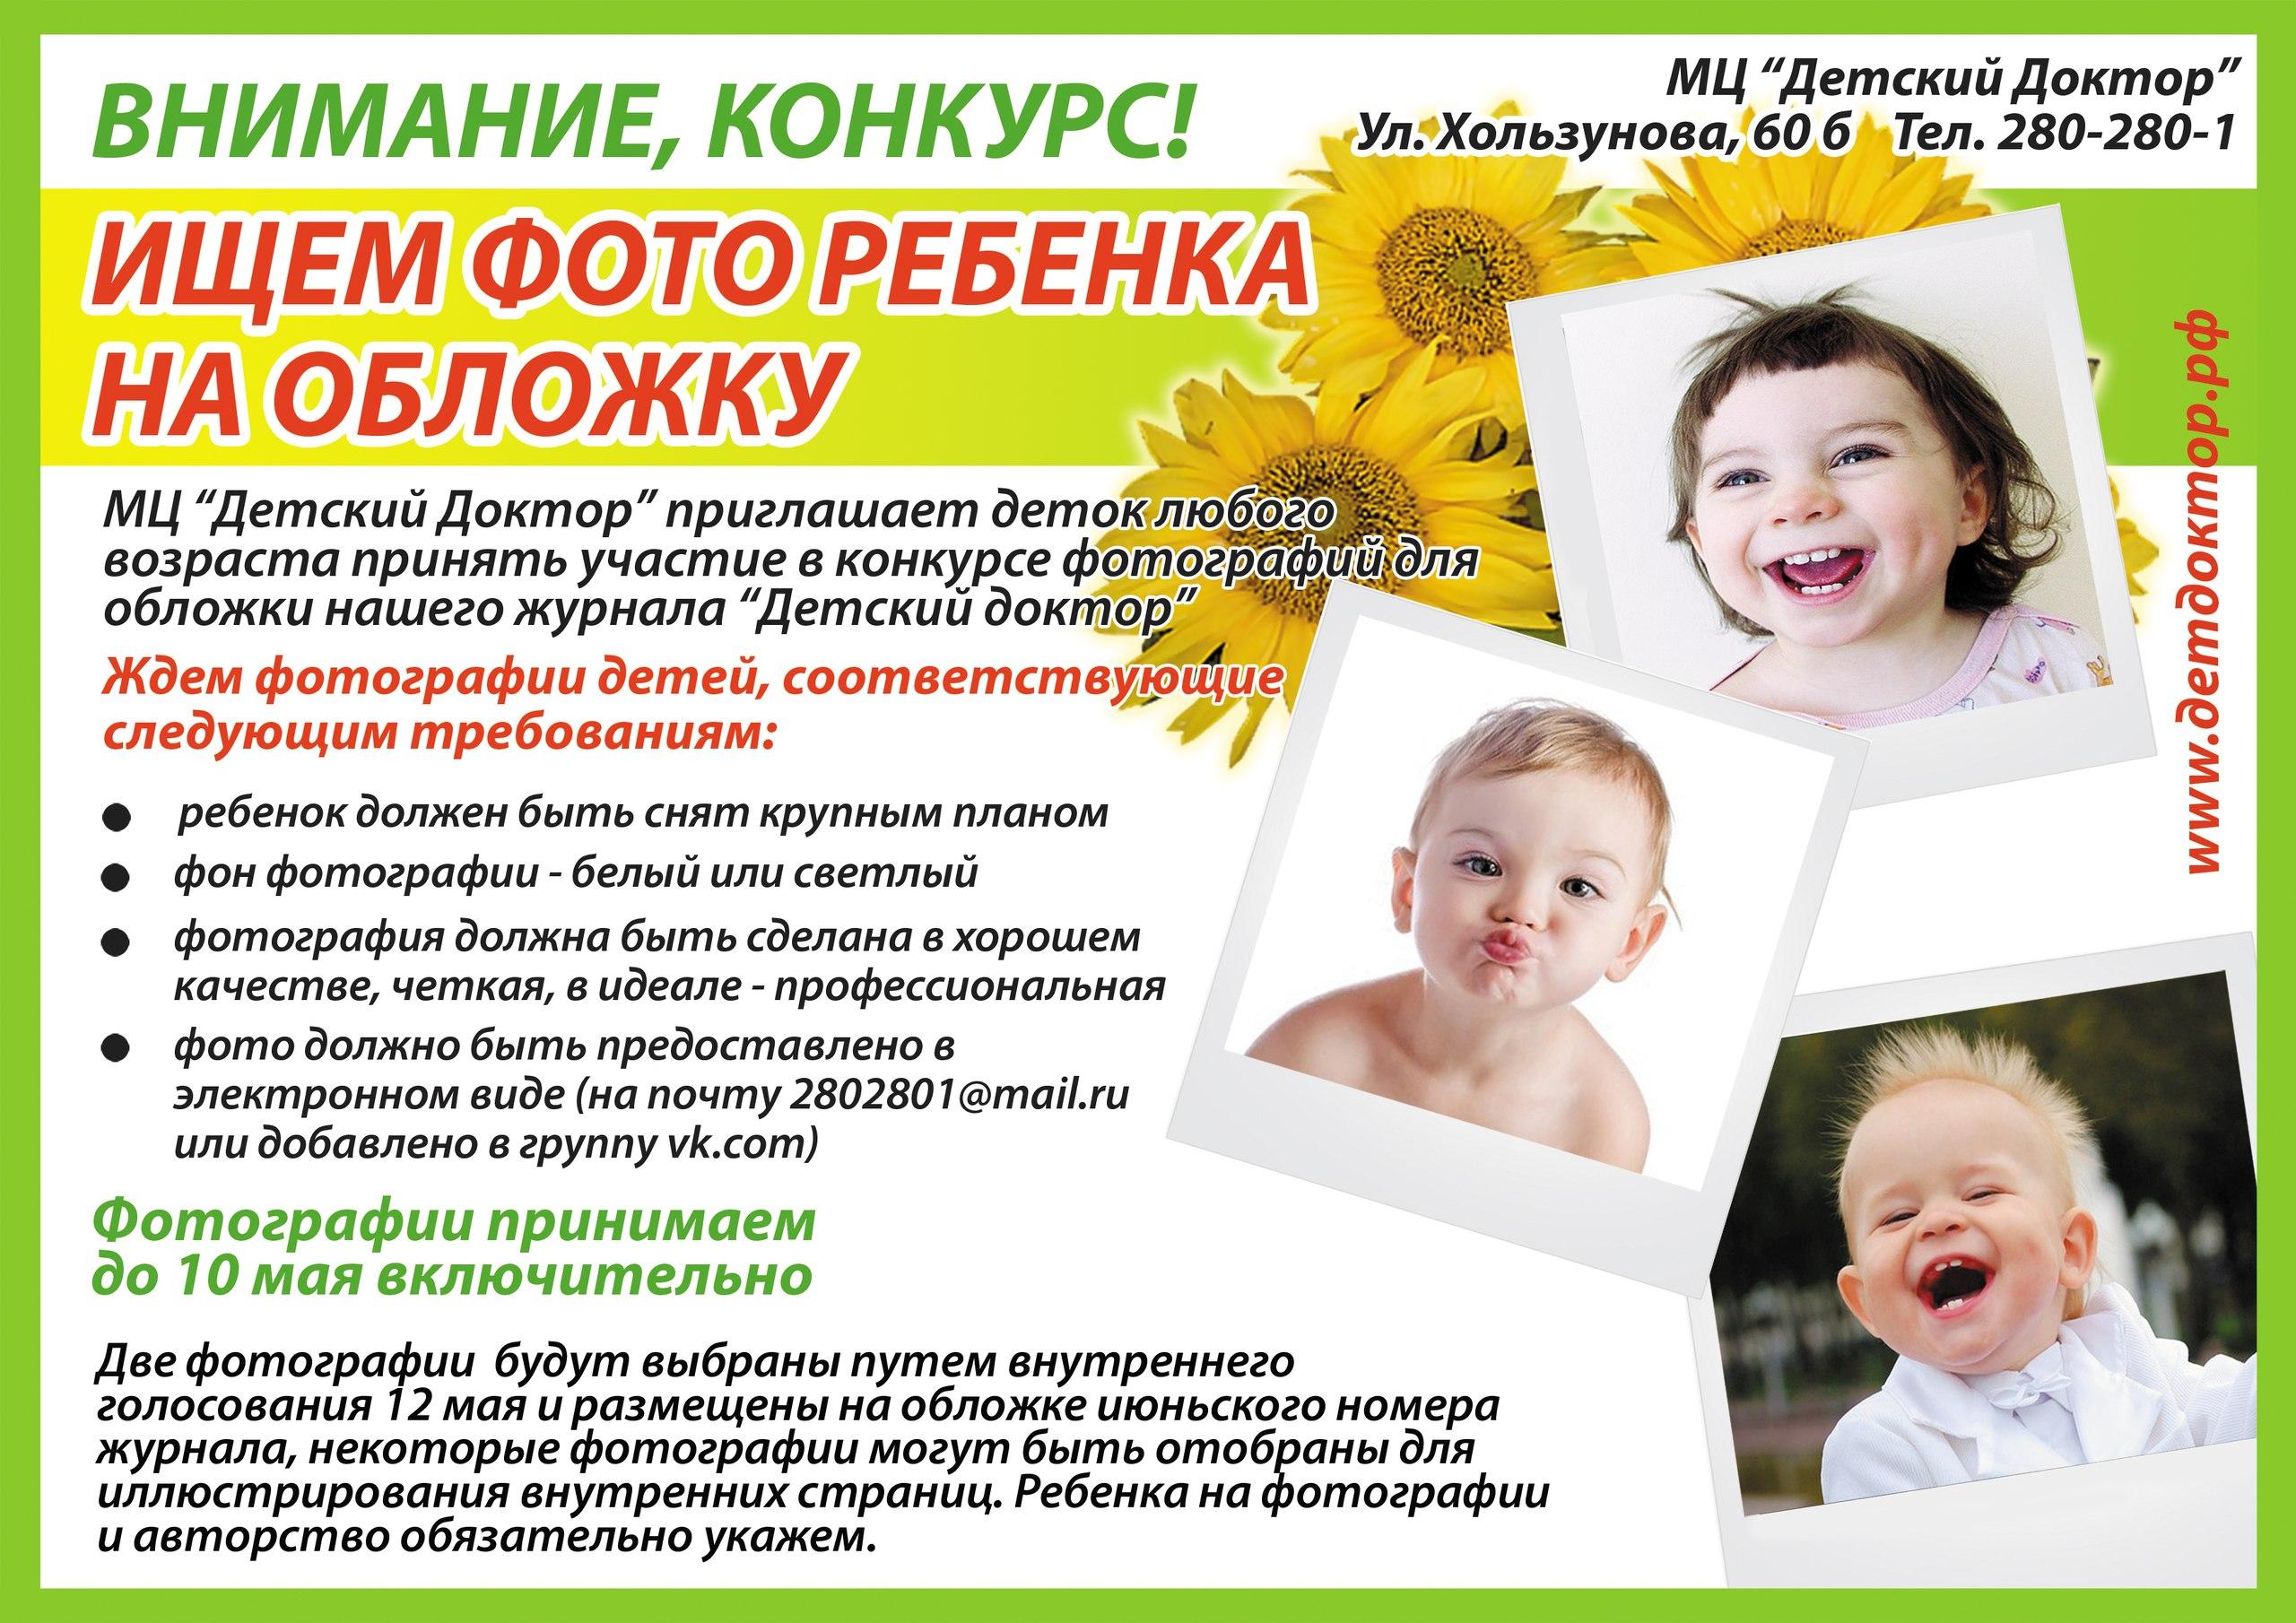 Конкурс фото детей до года для обложки журнала